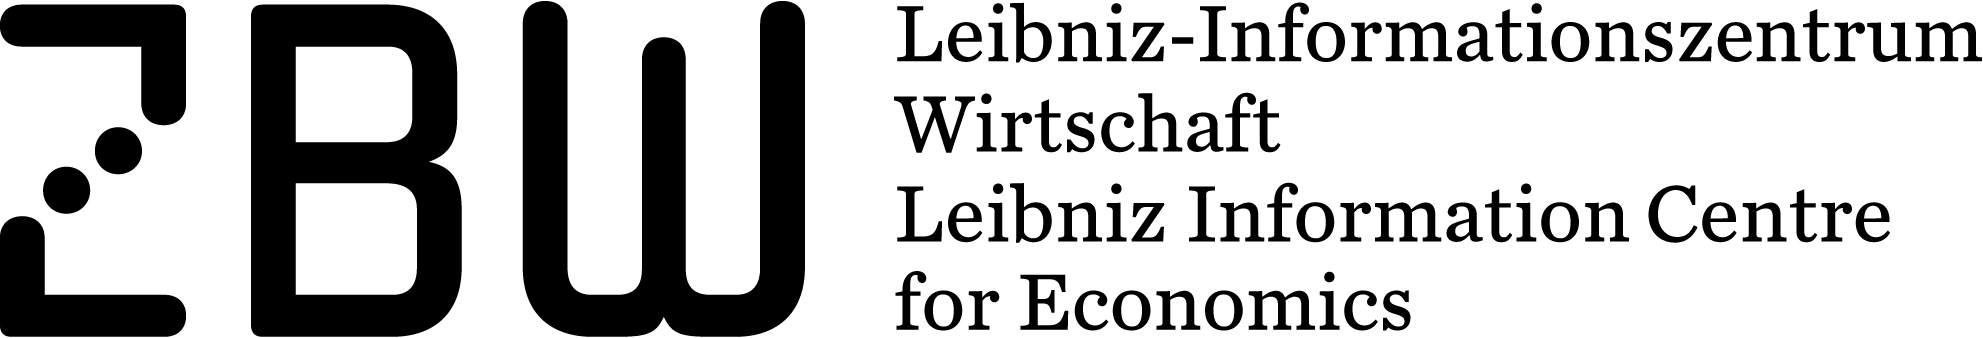 Logo ZBW - Leibniz-Informationszentrum Wirtschaft